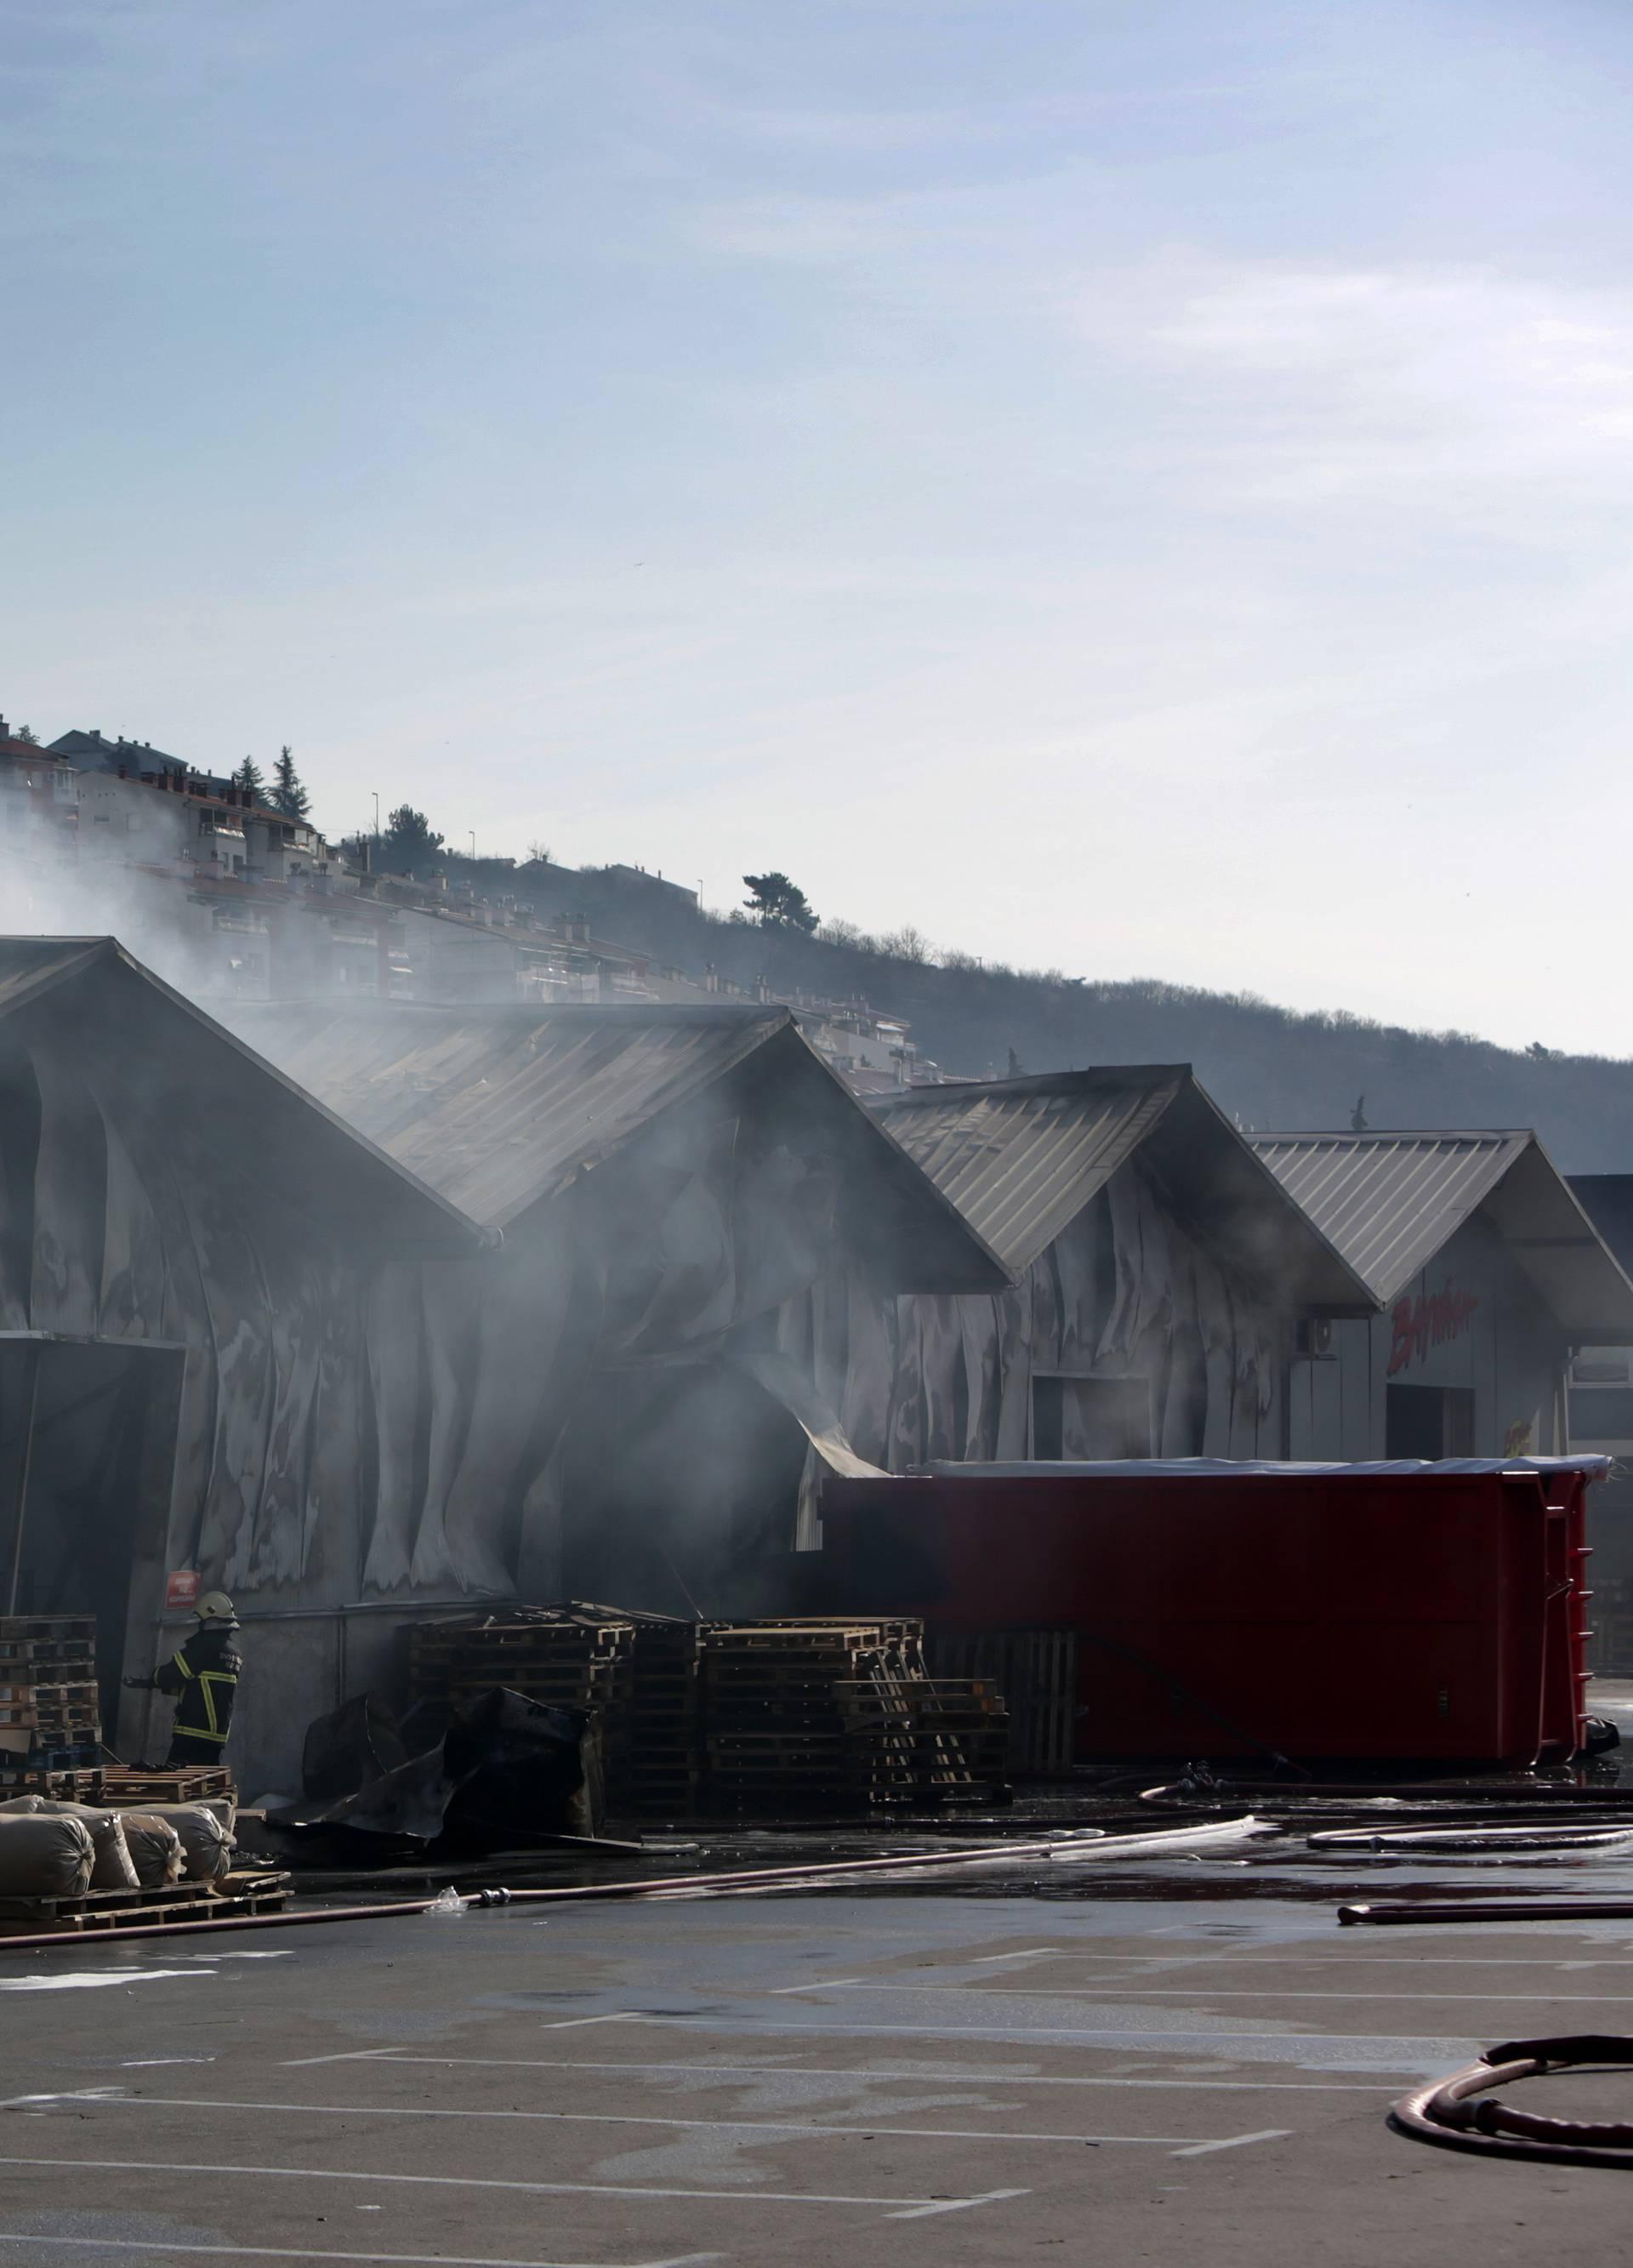 Pogledajte to zgarište u Rijeci: Još se dimi iz krova skladišta